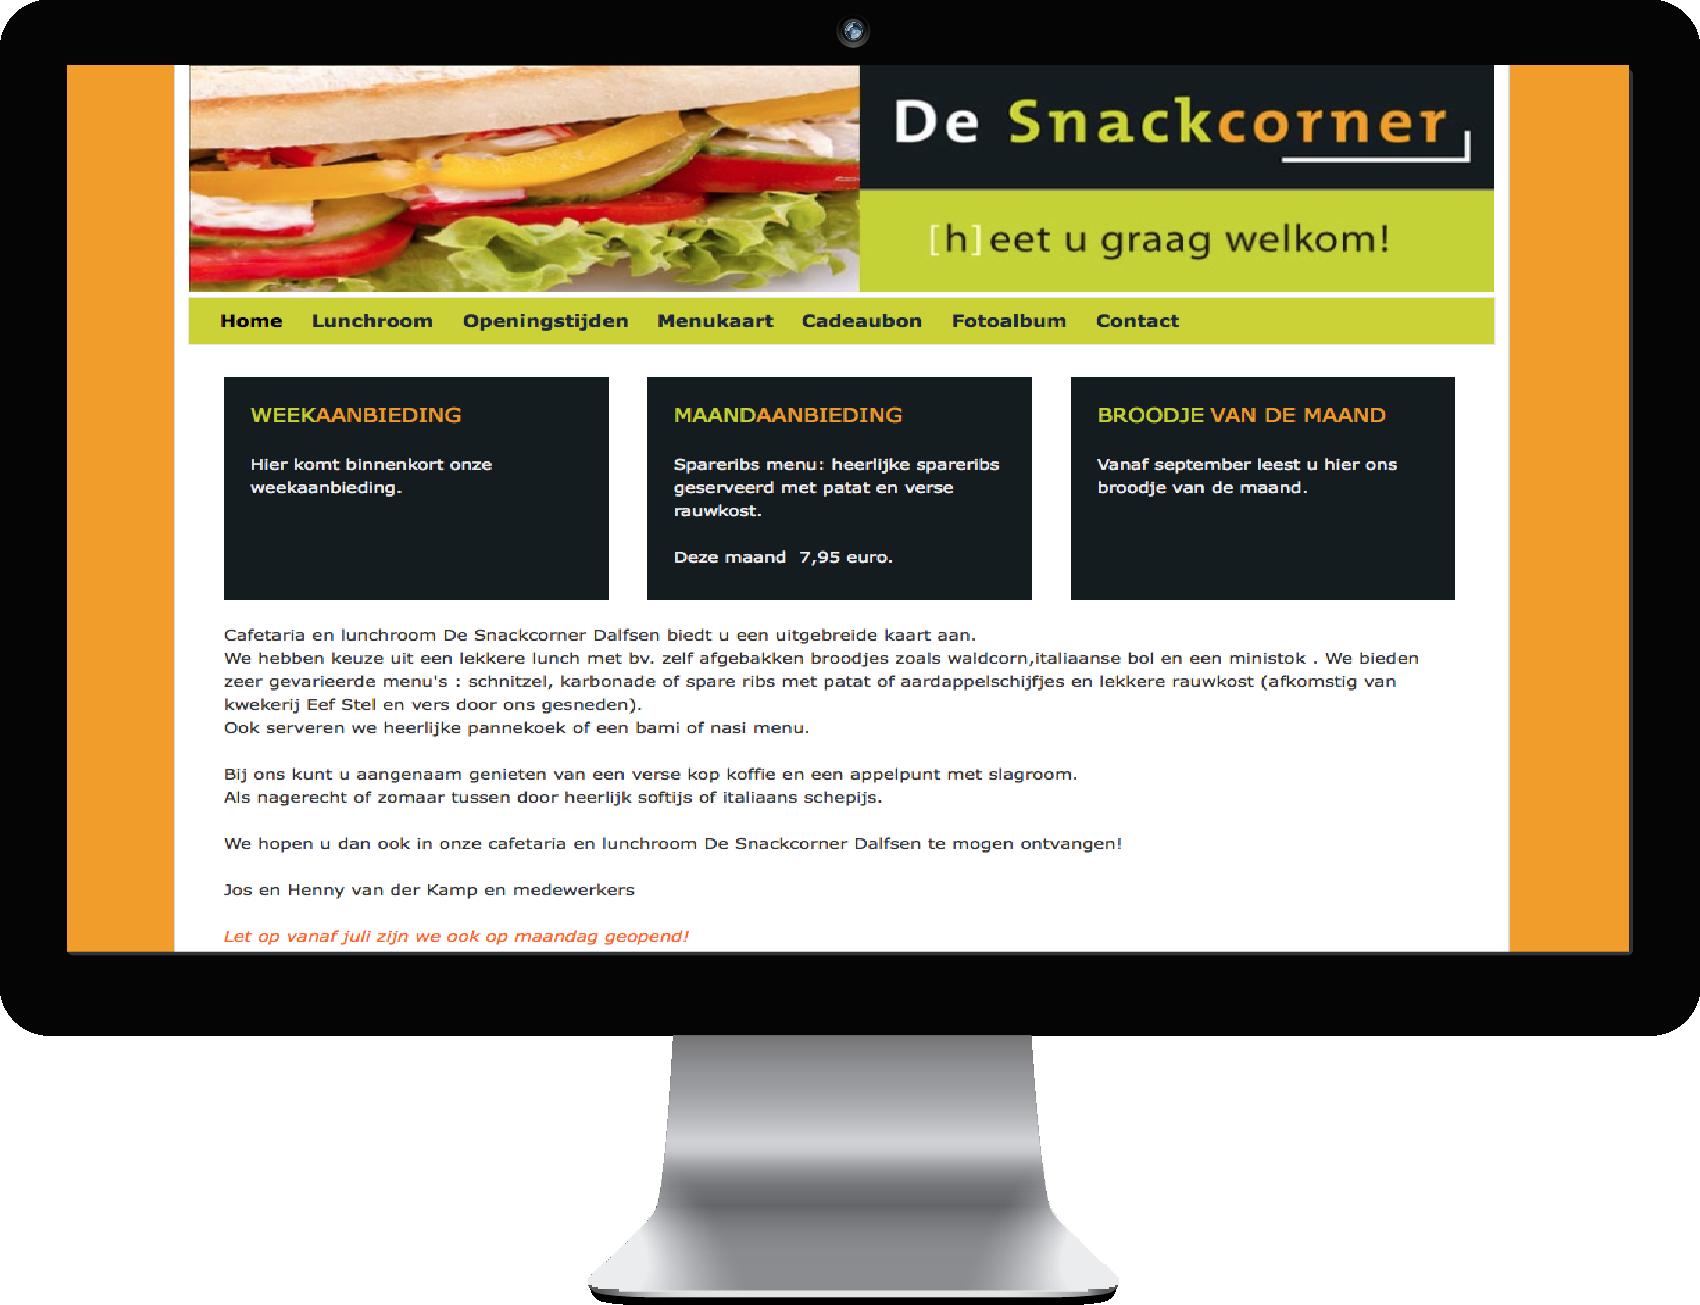 Website de Snackcorner